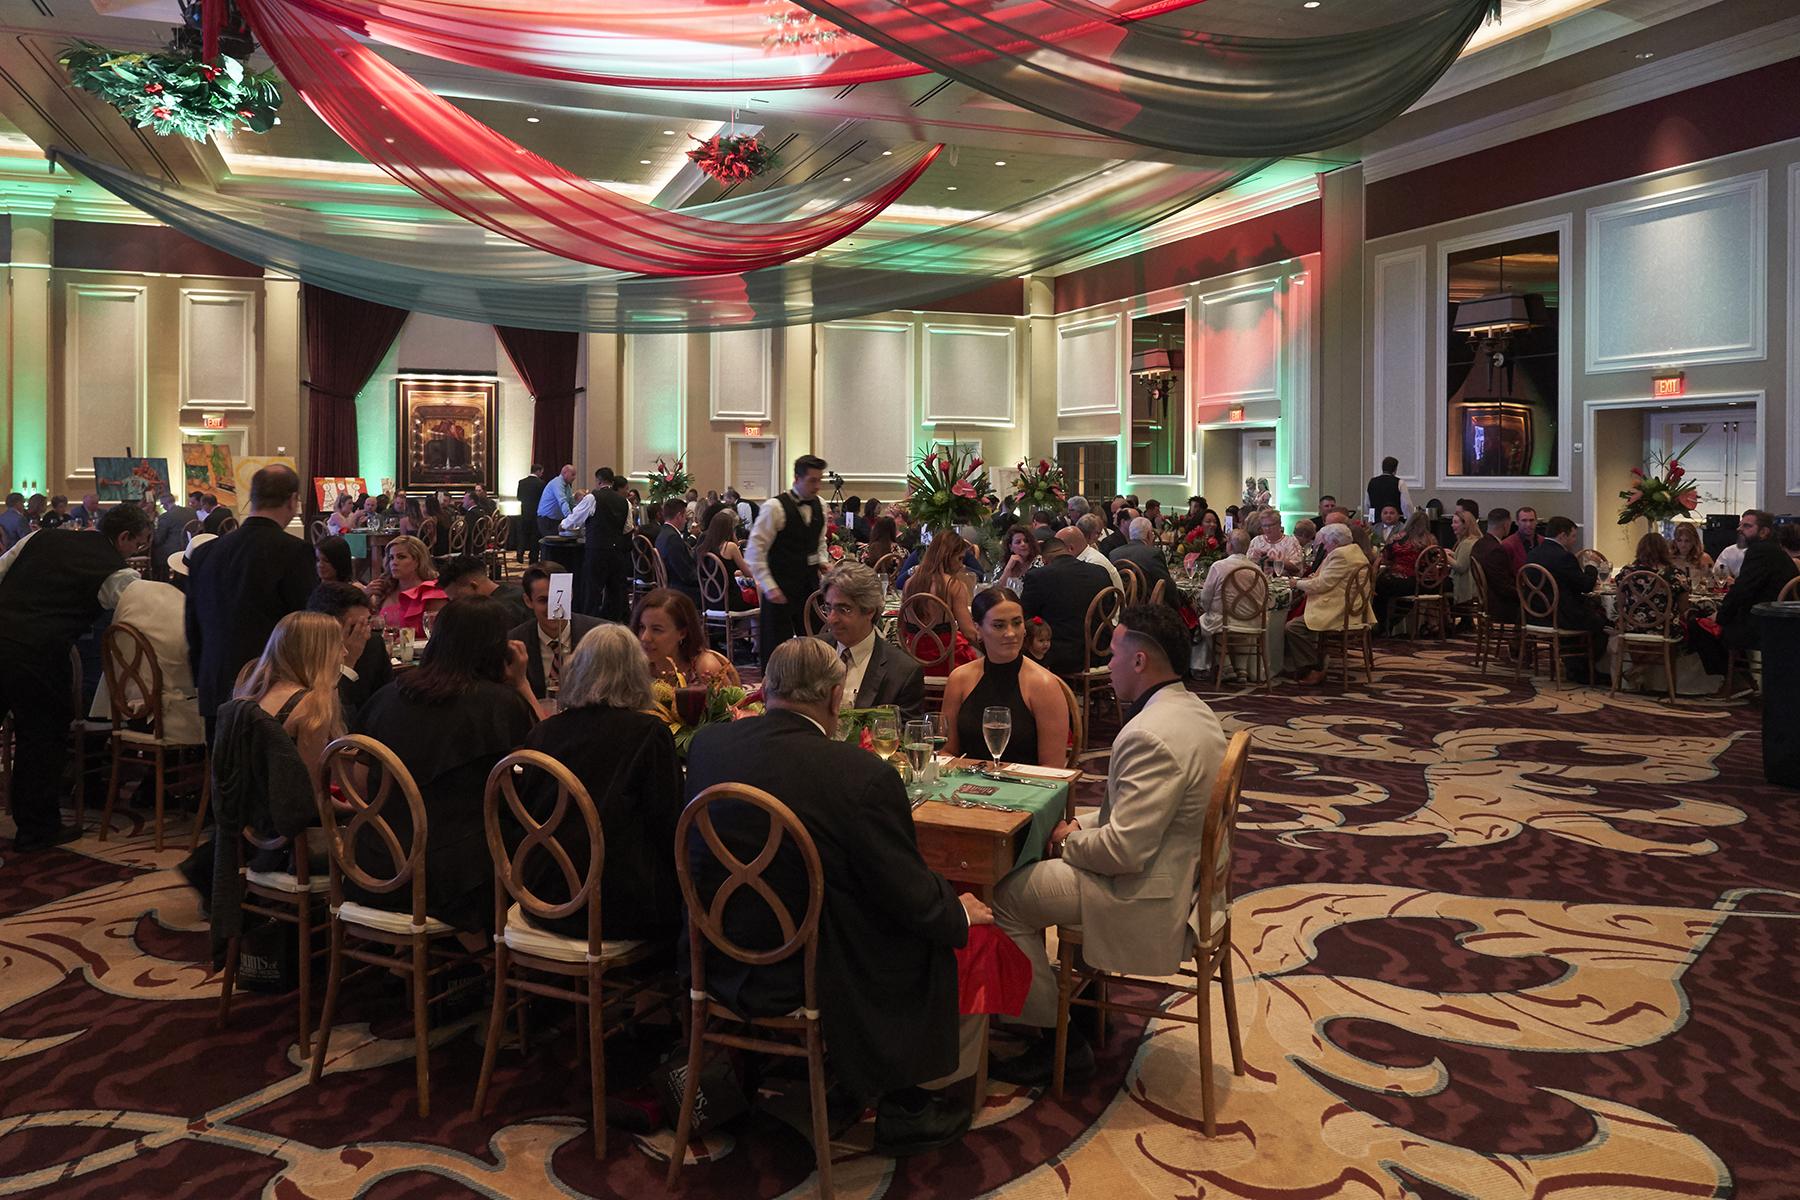 La gala se celebró en el River City Hotel a beneficio de los niños con desventajas en St. Louis y Puerto Rico. (Suministrada)